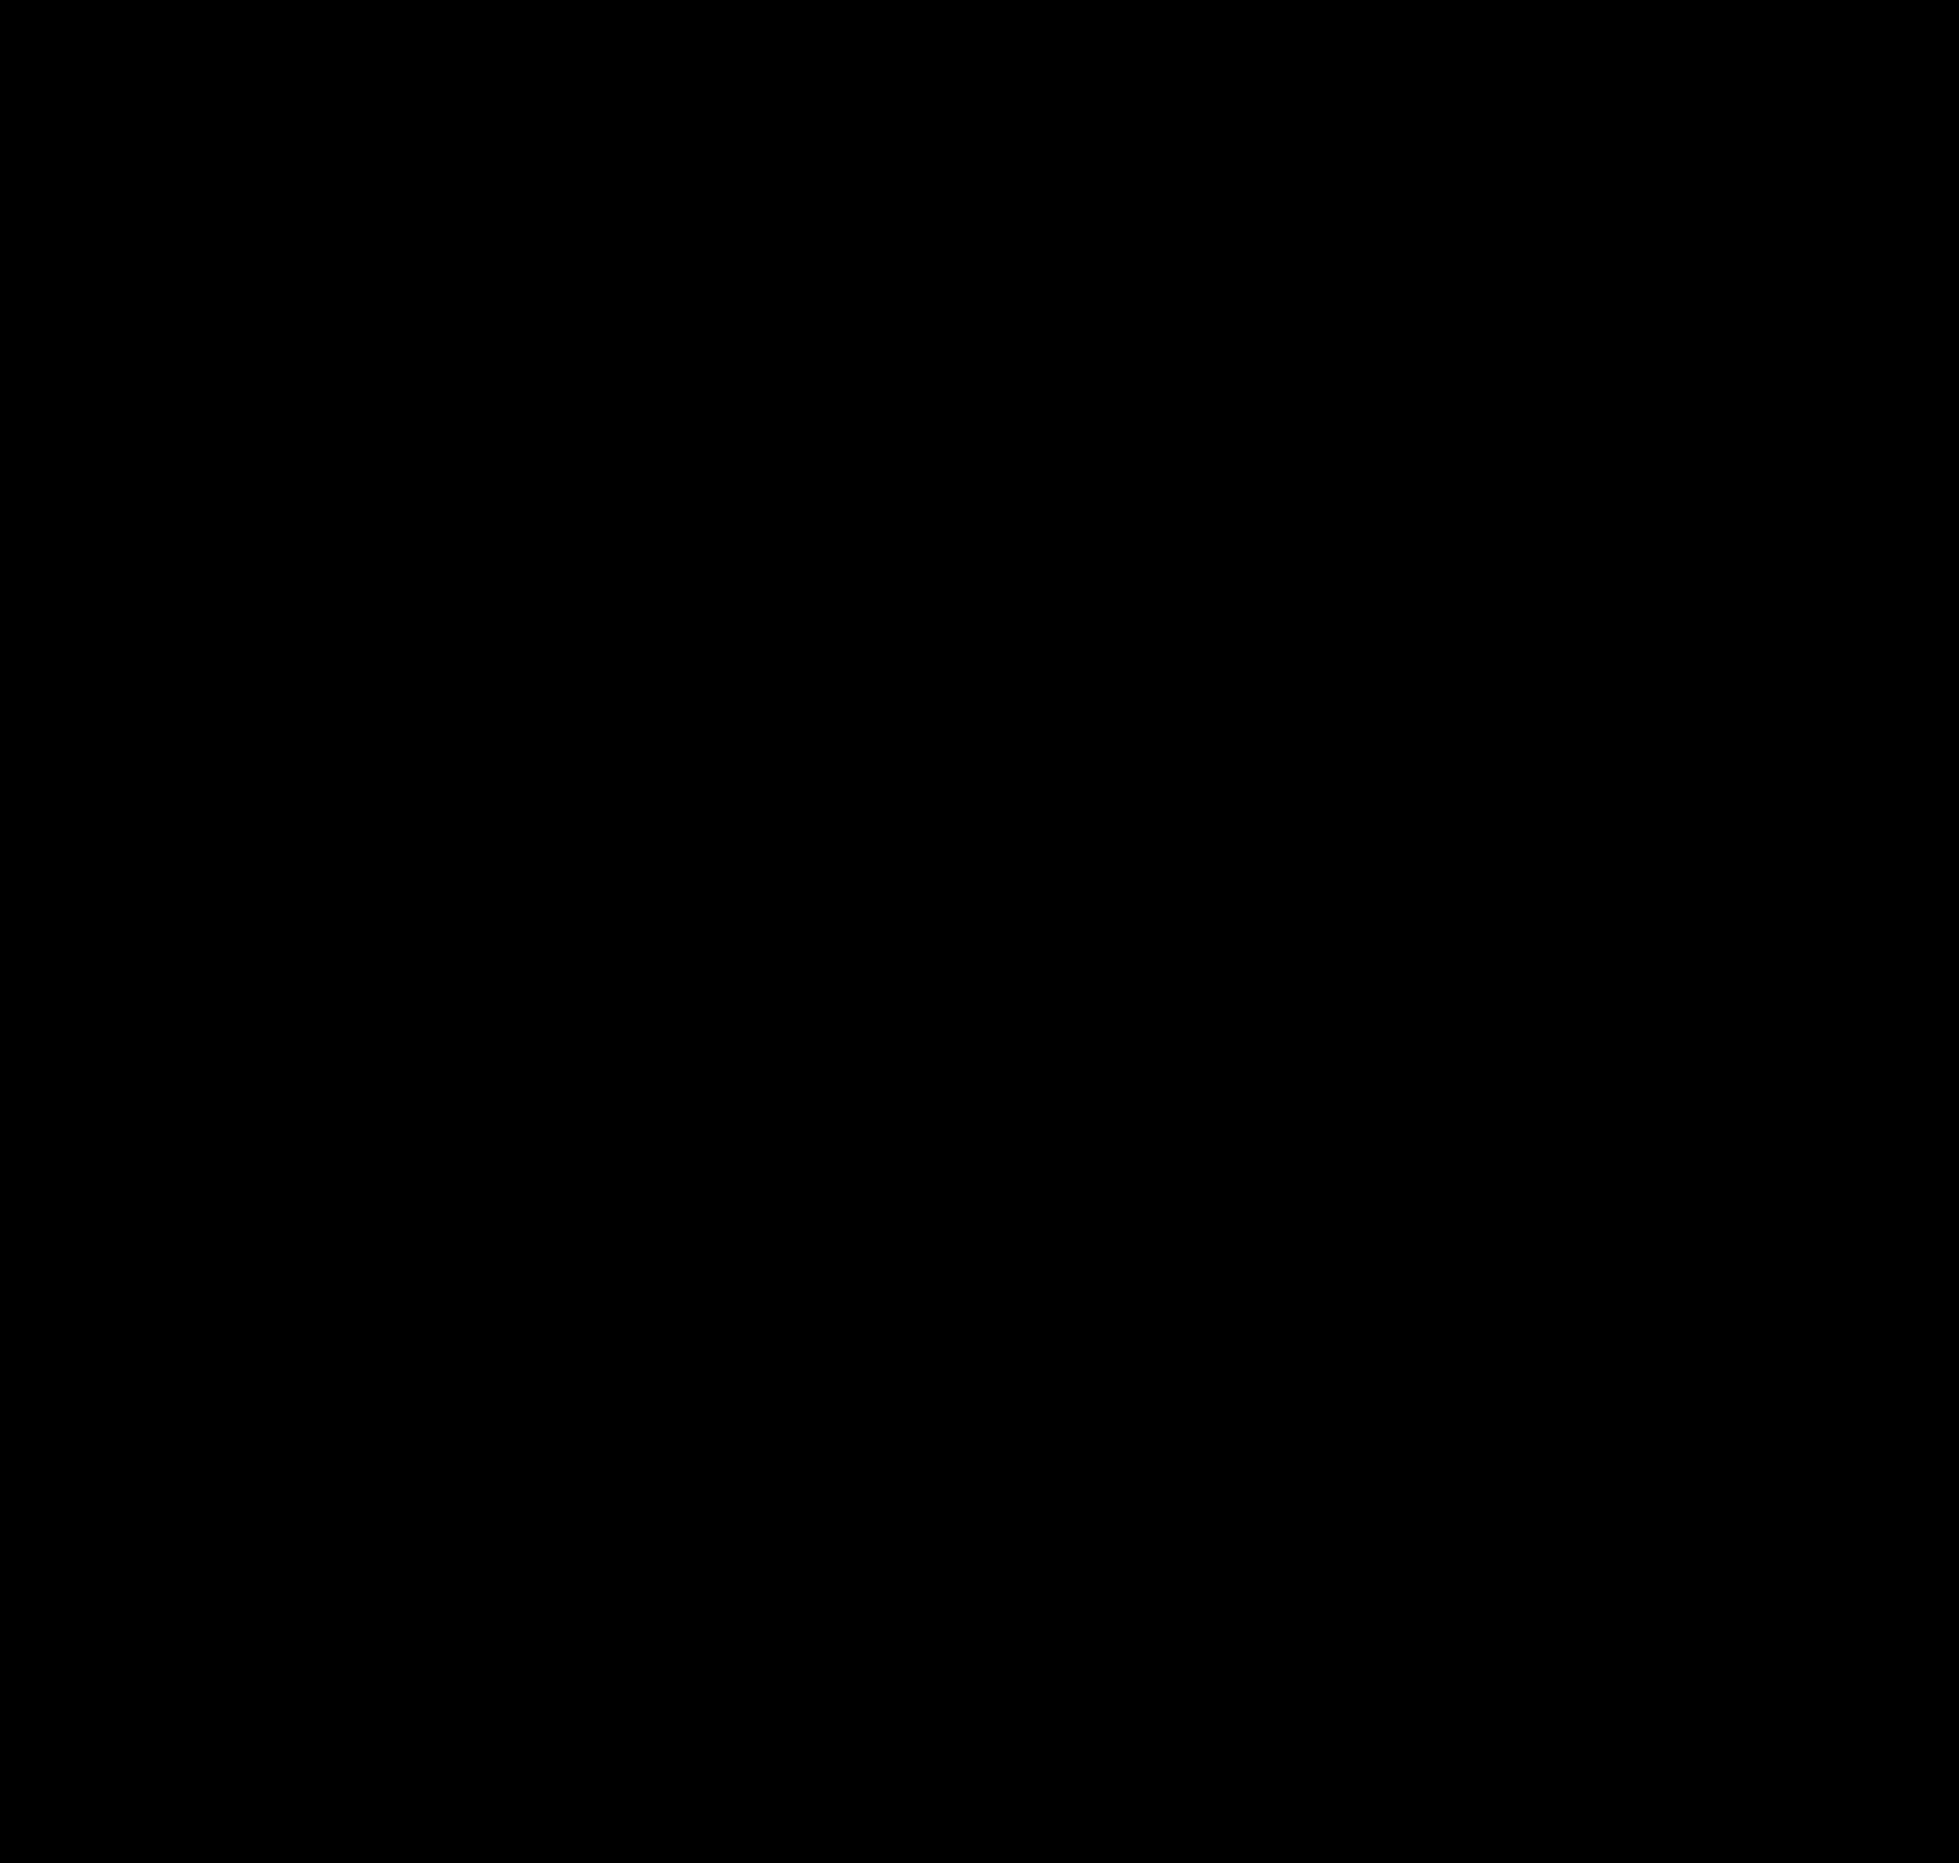 Datei stencil joker png krautwiki clipart best clipart for Pumpkin carving silhouettes